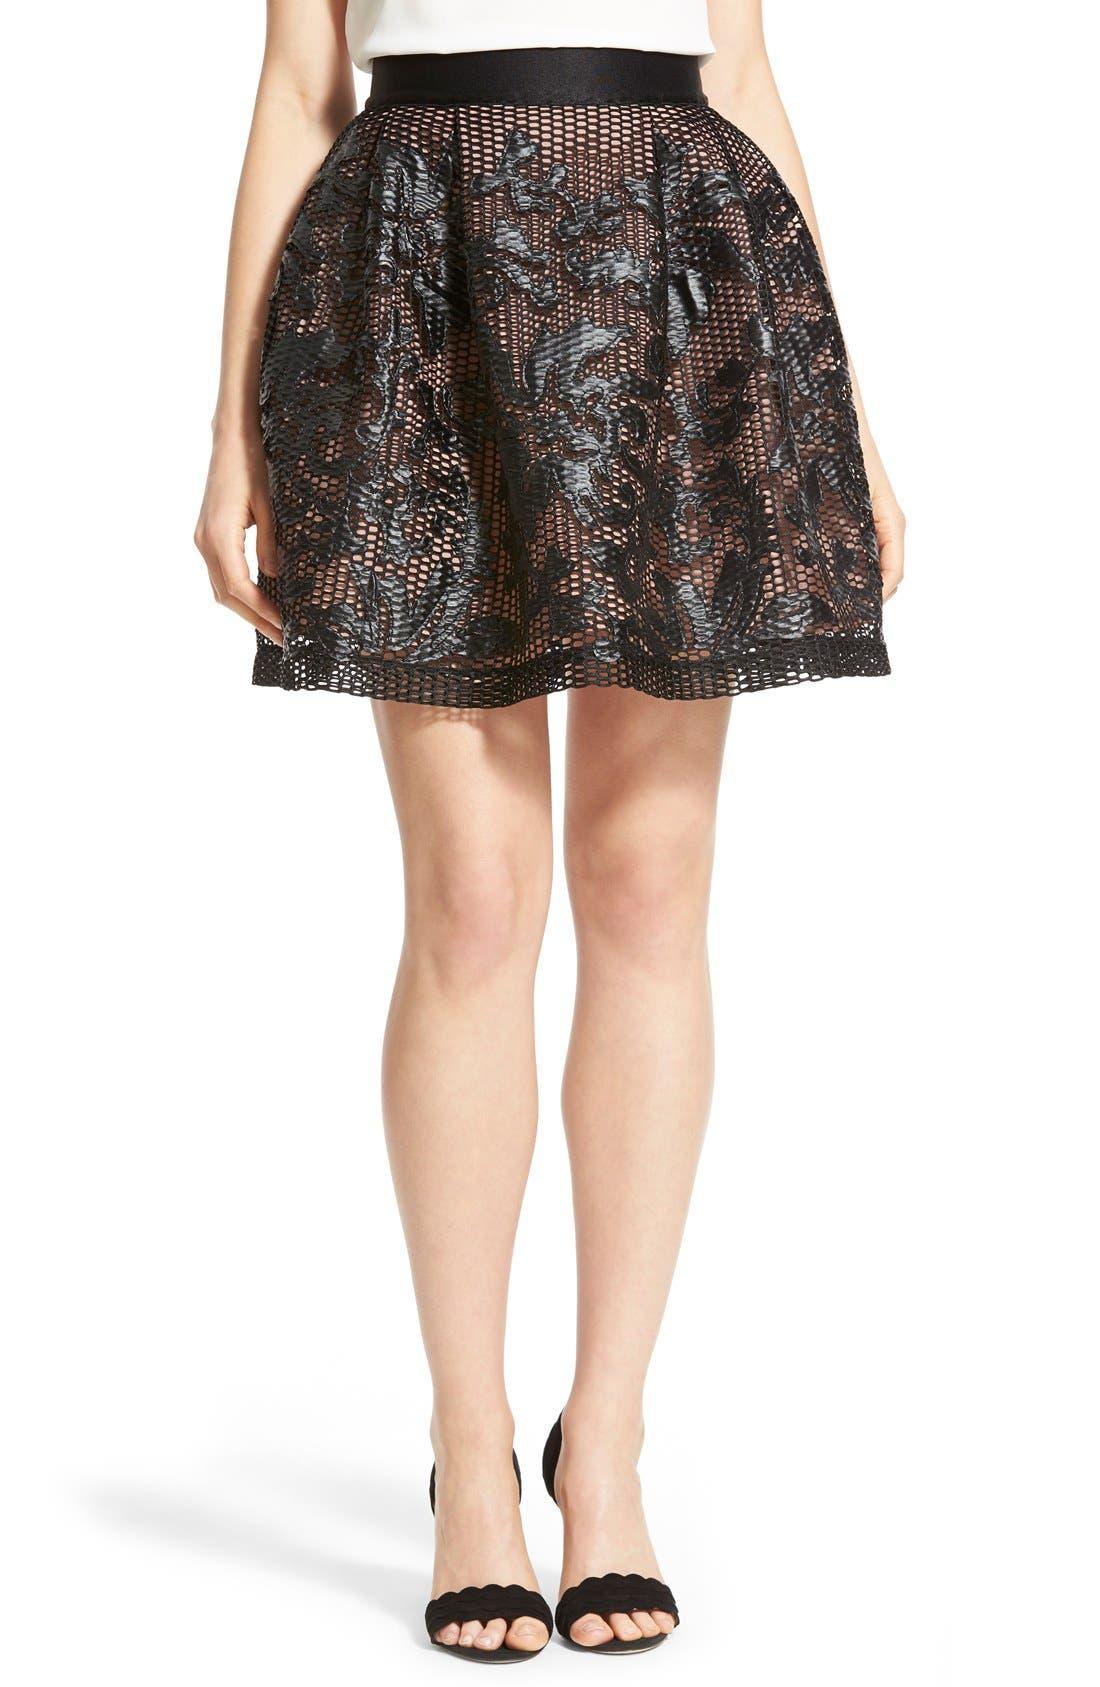 Alternate Image 1 Selected - Chelsea28 Appliqué Skirt